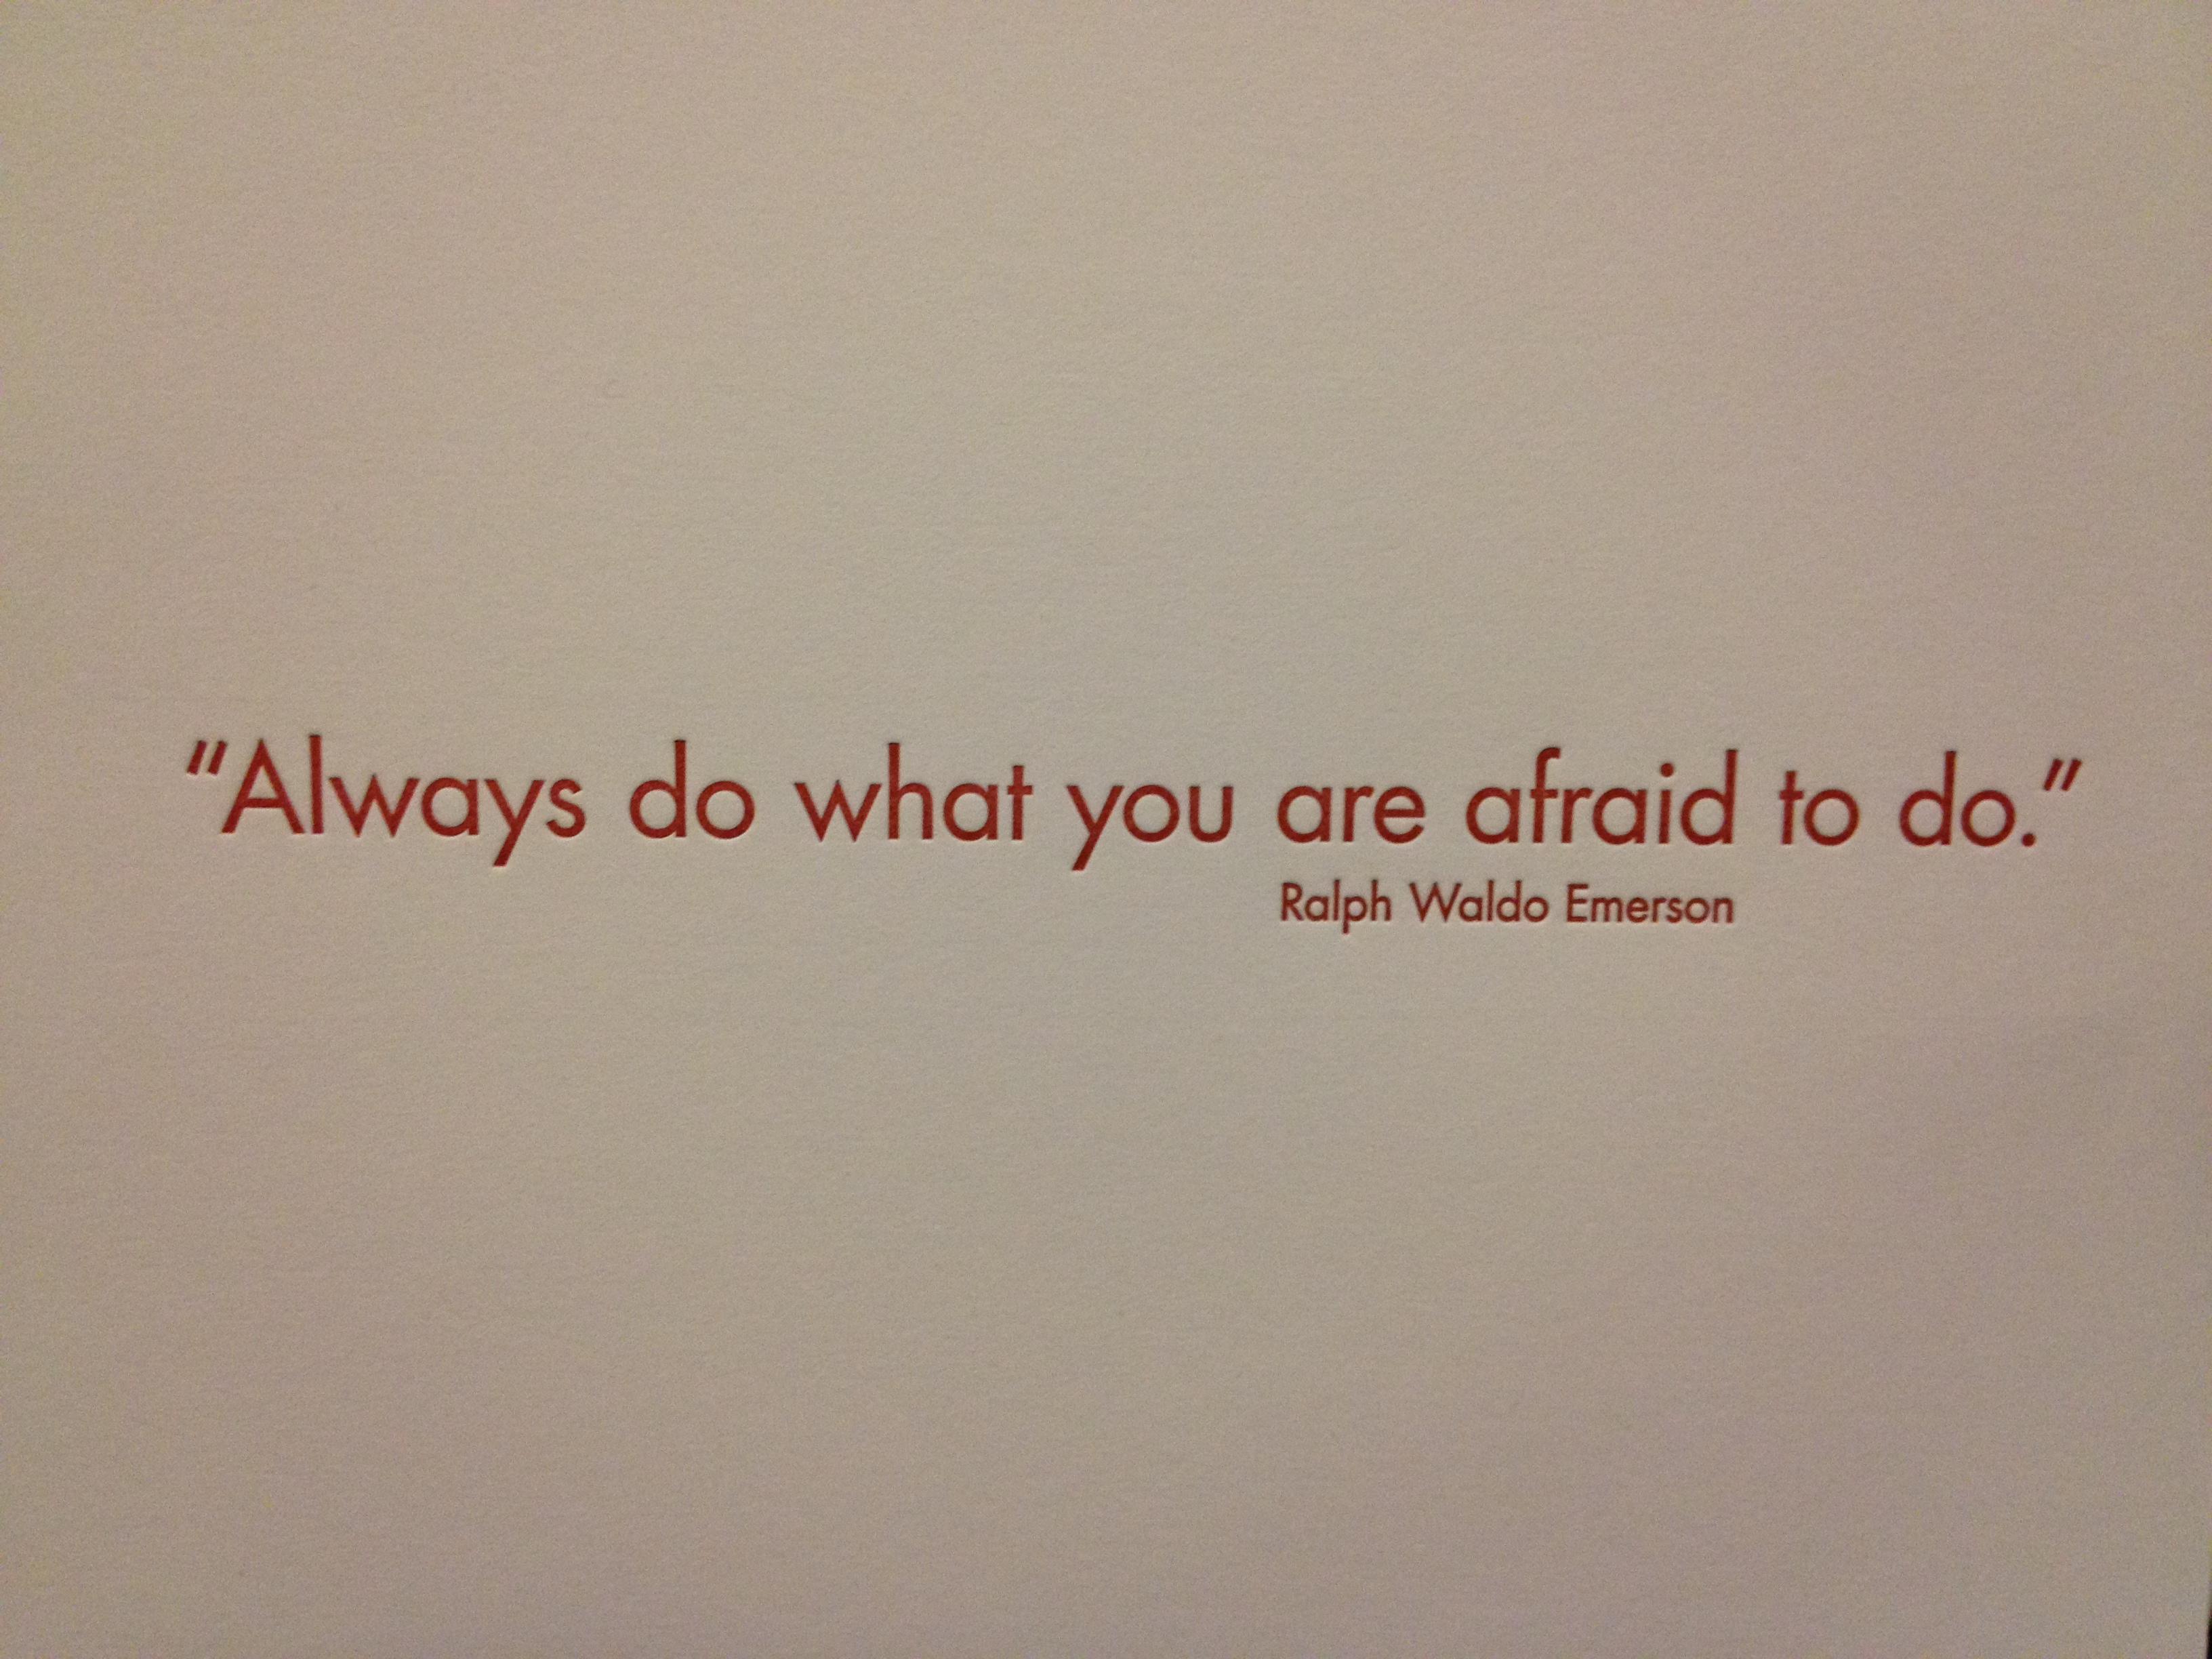 Ralph Waldo Emerson's quote #1